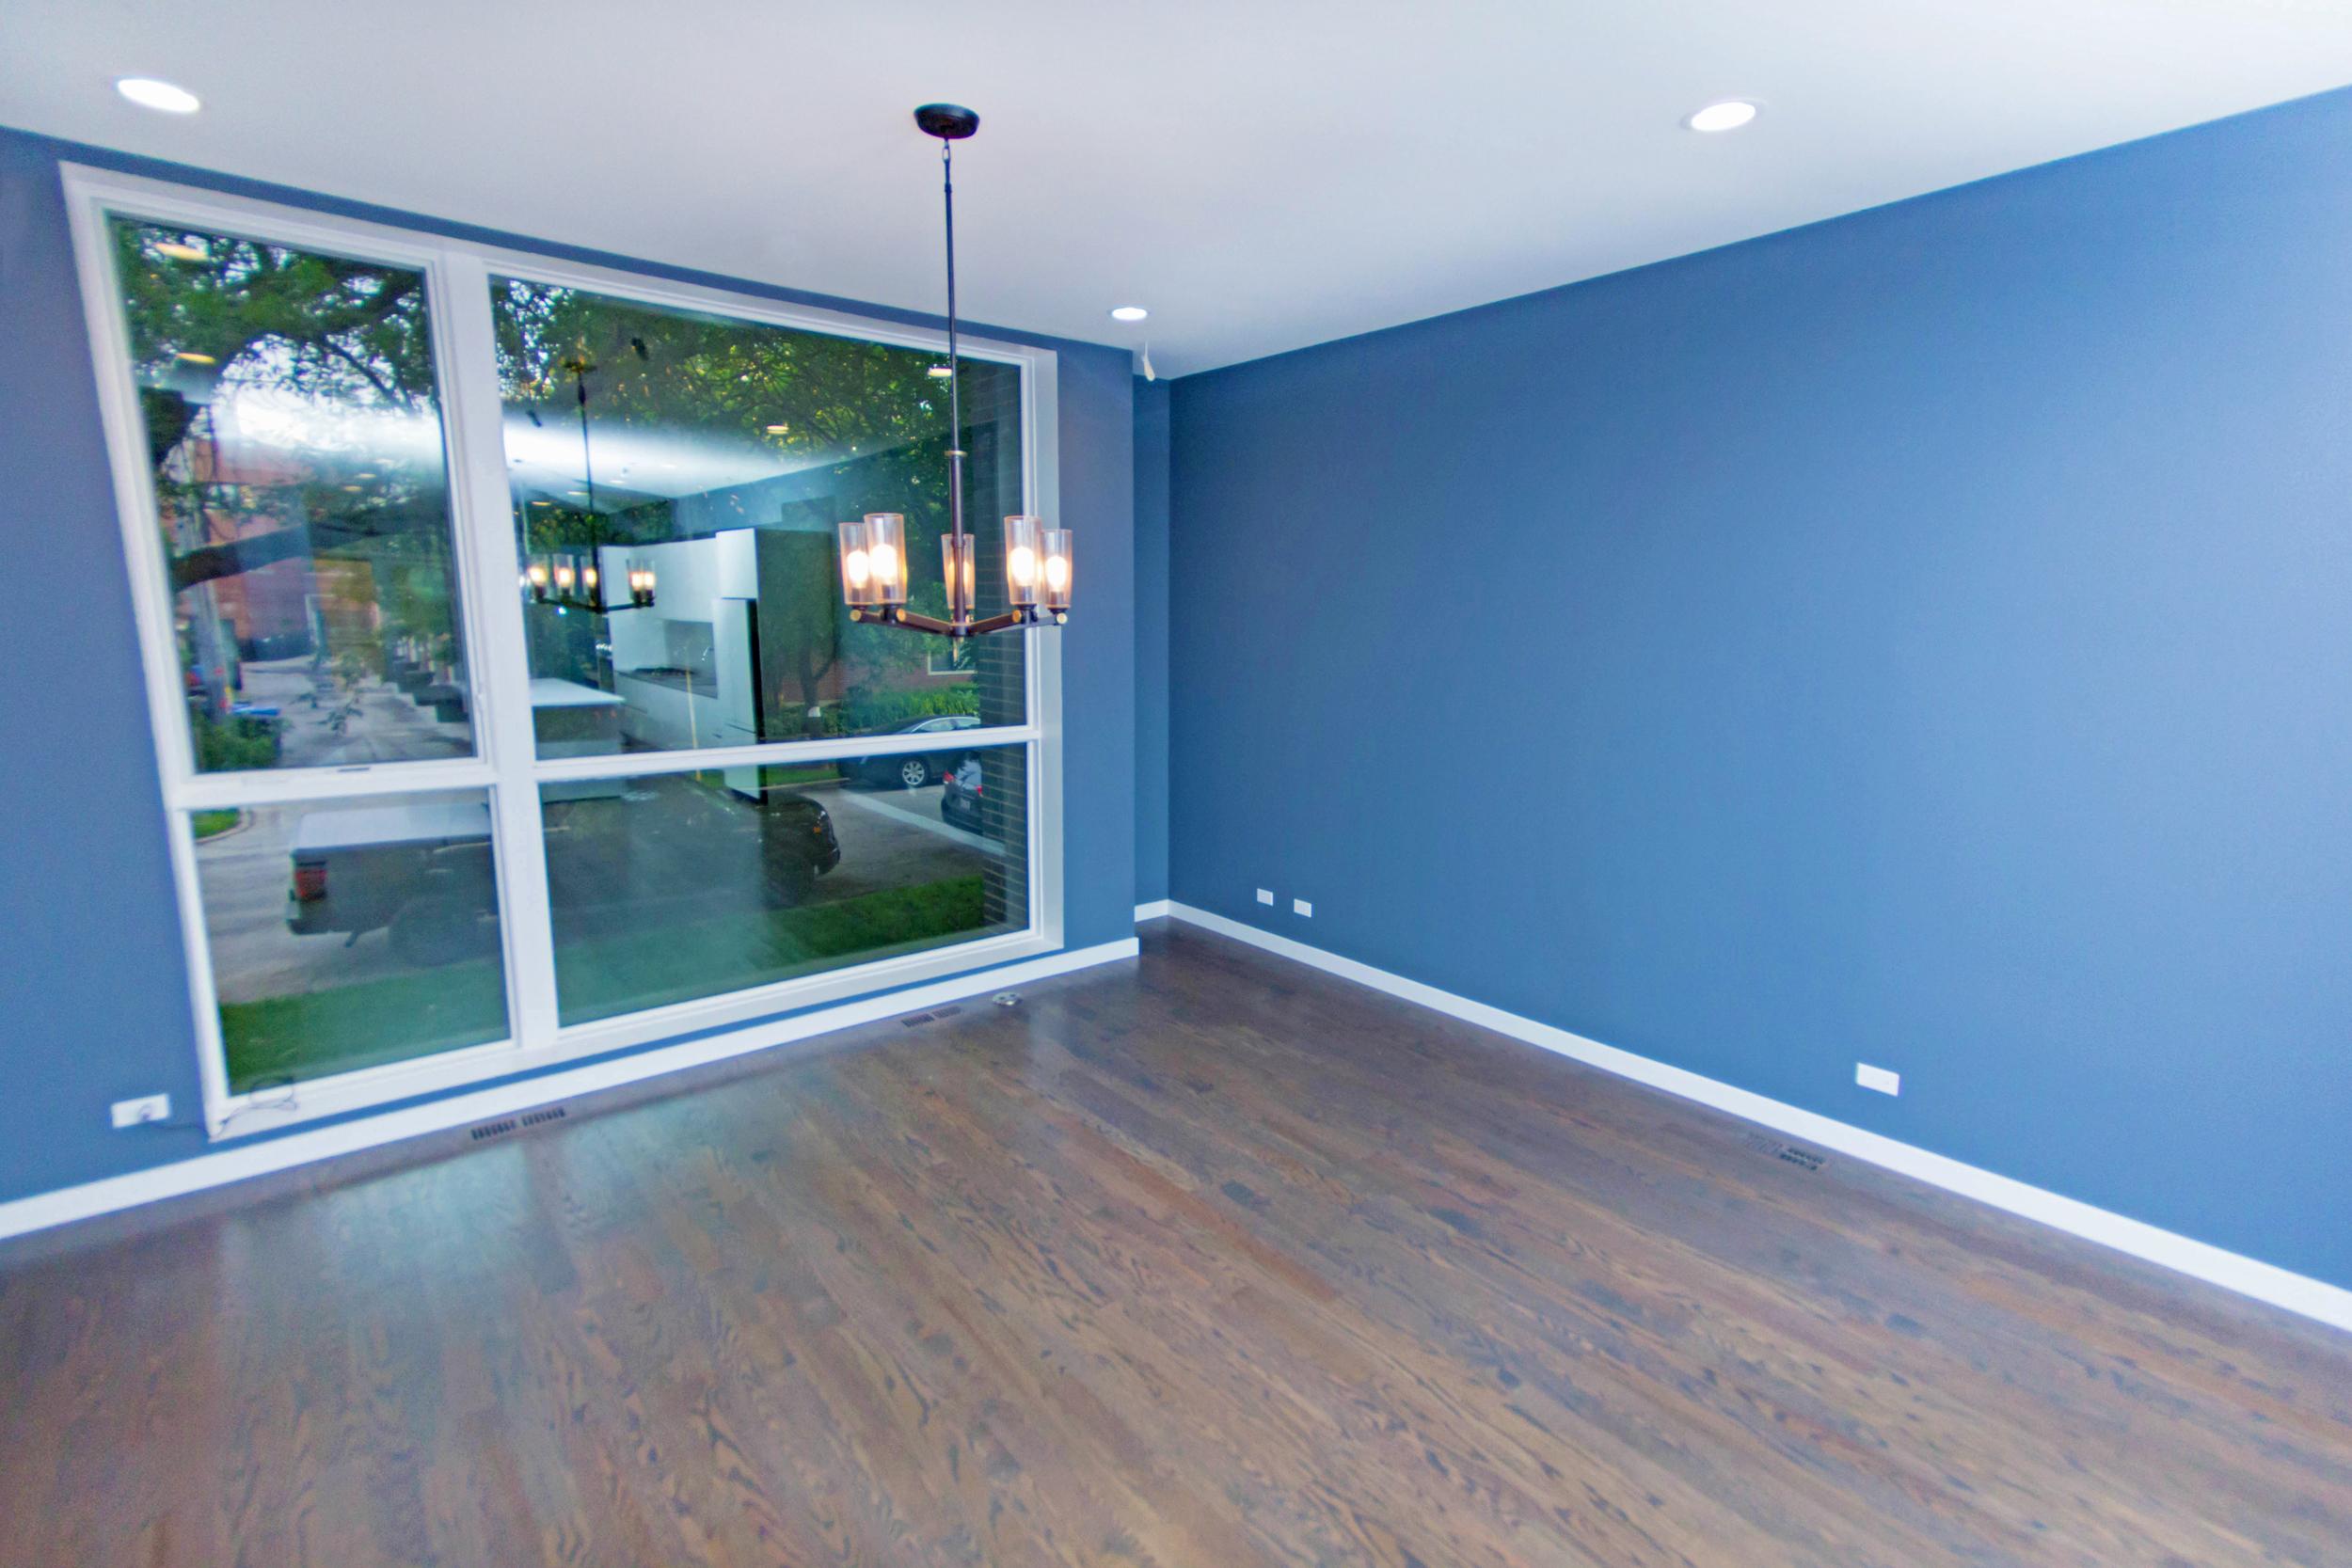 2440 West Ohio Chicago Interior Dining Room TARIS Real Estate